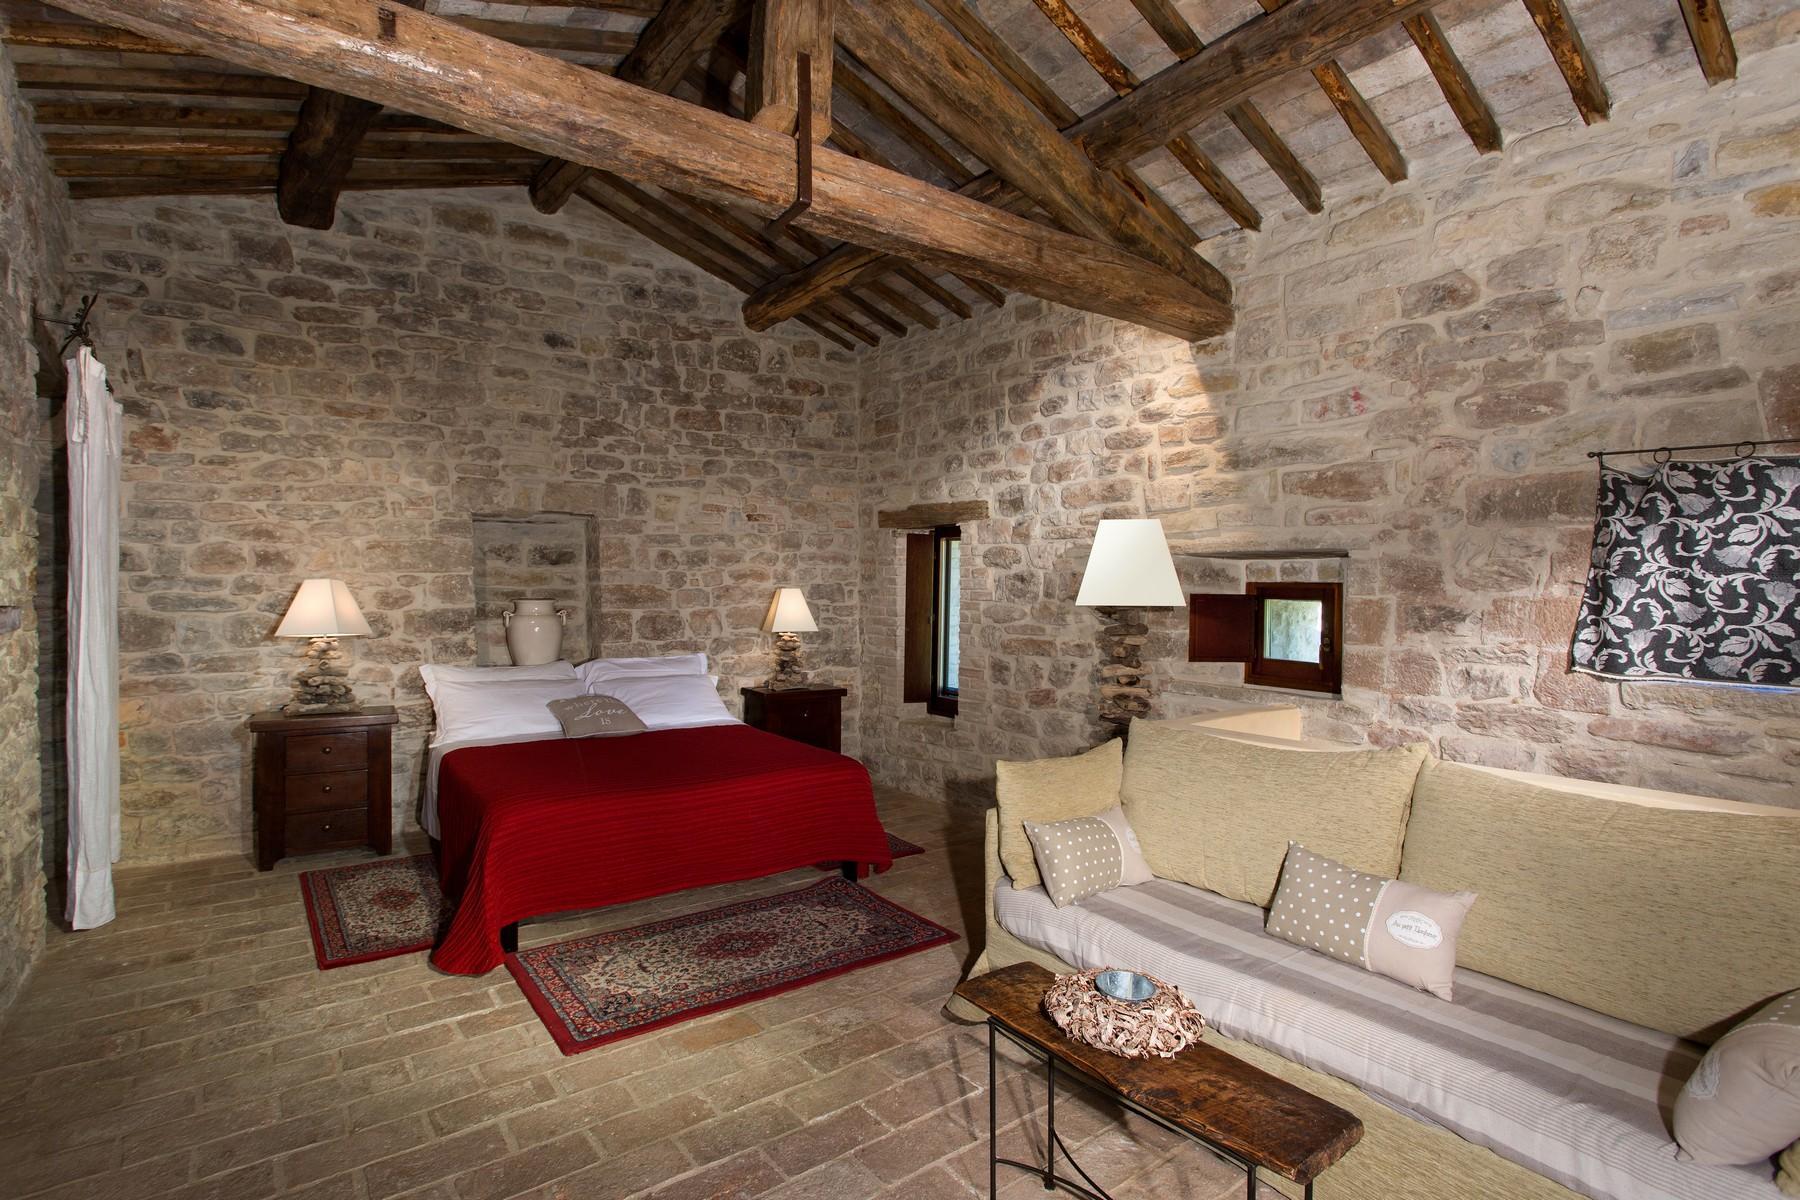 Antico convento del 1200 interamente restaurato - 5